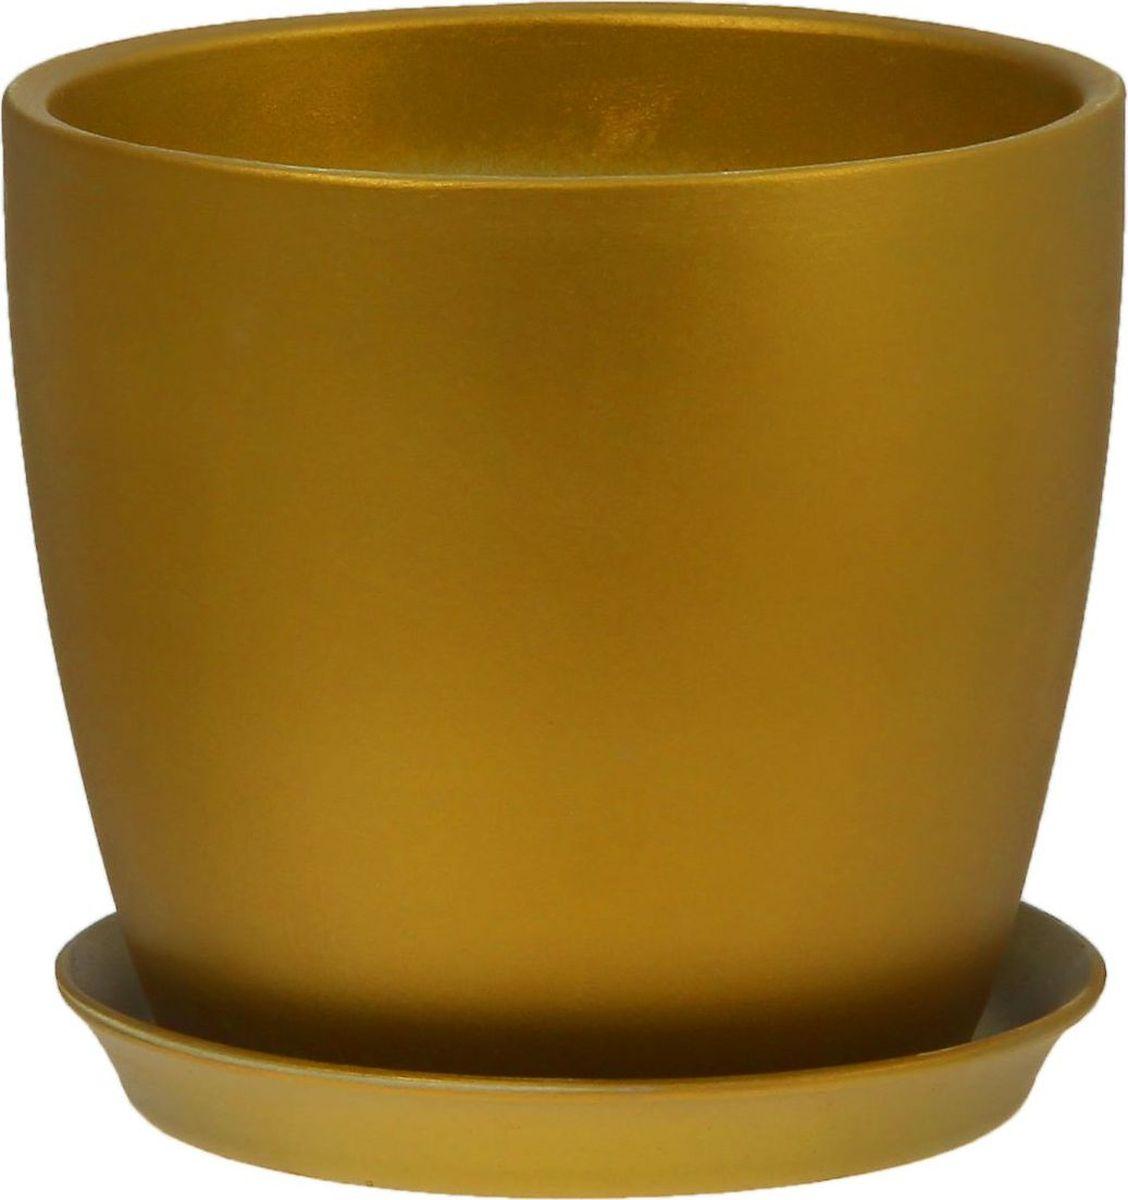 Кашпо Керамика ручной работы Осень, цвет: темно-зеленый, 2 л1062706Комнатные растения — всеобщие любимцы. Они радуют глаз, насыщают помещение кислородом и украшают пространство. Каждому из них необходим свой удобный и красивый дом. Кашпо из керамики прекрасно подходят для высадки растений: за счёт пластичности глины и разных способов обработки существует великое множество форм и дизайновпористый материал позволяет испаряться лишней влагевоздух, необходимый для дыхания корней, проникает сквозь керамические стенки! #name# позаботится о зелёном питомце, освежит интерьер и подчеркнёт его стиль.